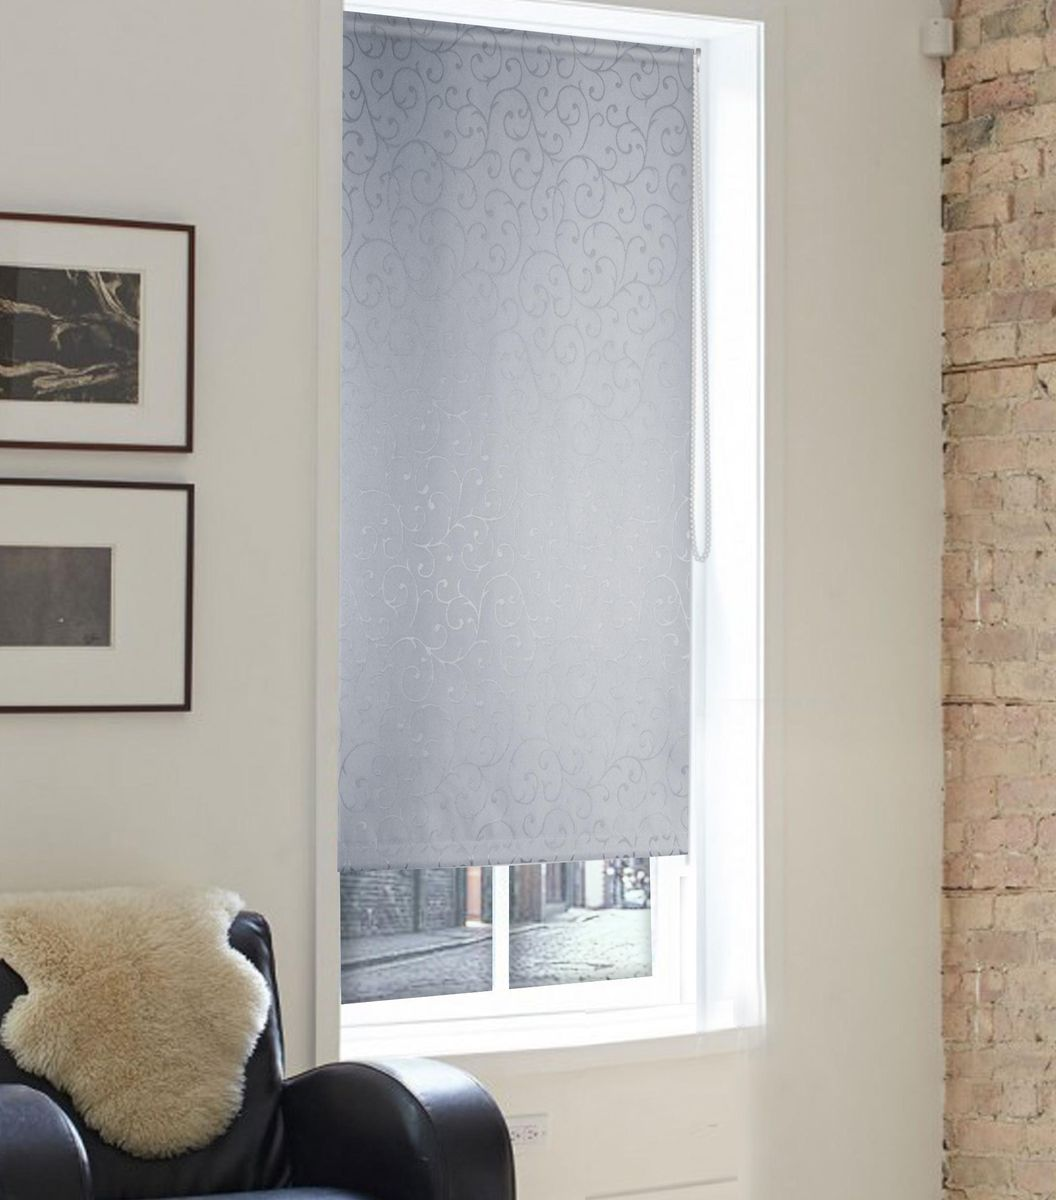 Штора рулонная Эскар Агат, цвет: серый, ширина 140 см, высота 160 см8008130170Рулонными шторами можно оформлять окна как самостоятельно, так и использовать в комбинации с портьерами. Это поможет предотвратить выгорание дорогой ткани на солнце и соединит функционал рулонных с красотой навесных.Преимущества применения рулонных штор для пластиковых окон:- имеют прекрасный внешний вид: многообразие и фактурность материала изделия отлично смотрятся в любом интерьере; - многофункциональны: есть возможность подобрать шторы способные эффективно защитить комнату от солнца, при этом она не будет слишком темной.- Есть возможность осуществить быстрый монтаж.ВНИМАНИЕ! Размеры ширины изделия указаны по ширине ткани!Во время эксплуатации не рекомендуется полностью разматывать рулон, чтобы не оторвать ткань от намоточного вала.В случае загрязнения поверхности ткани, чистку шторы проводят одним из способов, в зависимости от типа загрязнения: легкое поверхностное загрязнение можно удалить при помощи канцелярского ластика; чистка от пыли производится сухим методом при помощи пылесоса с мягкой щеткой-насадкой; для удаления пятна используйте мягкую губку с пенообразующим неагрессивным моющим средством или пятновыводитель на натуральной основе (нельзя применять растворители).